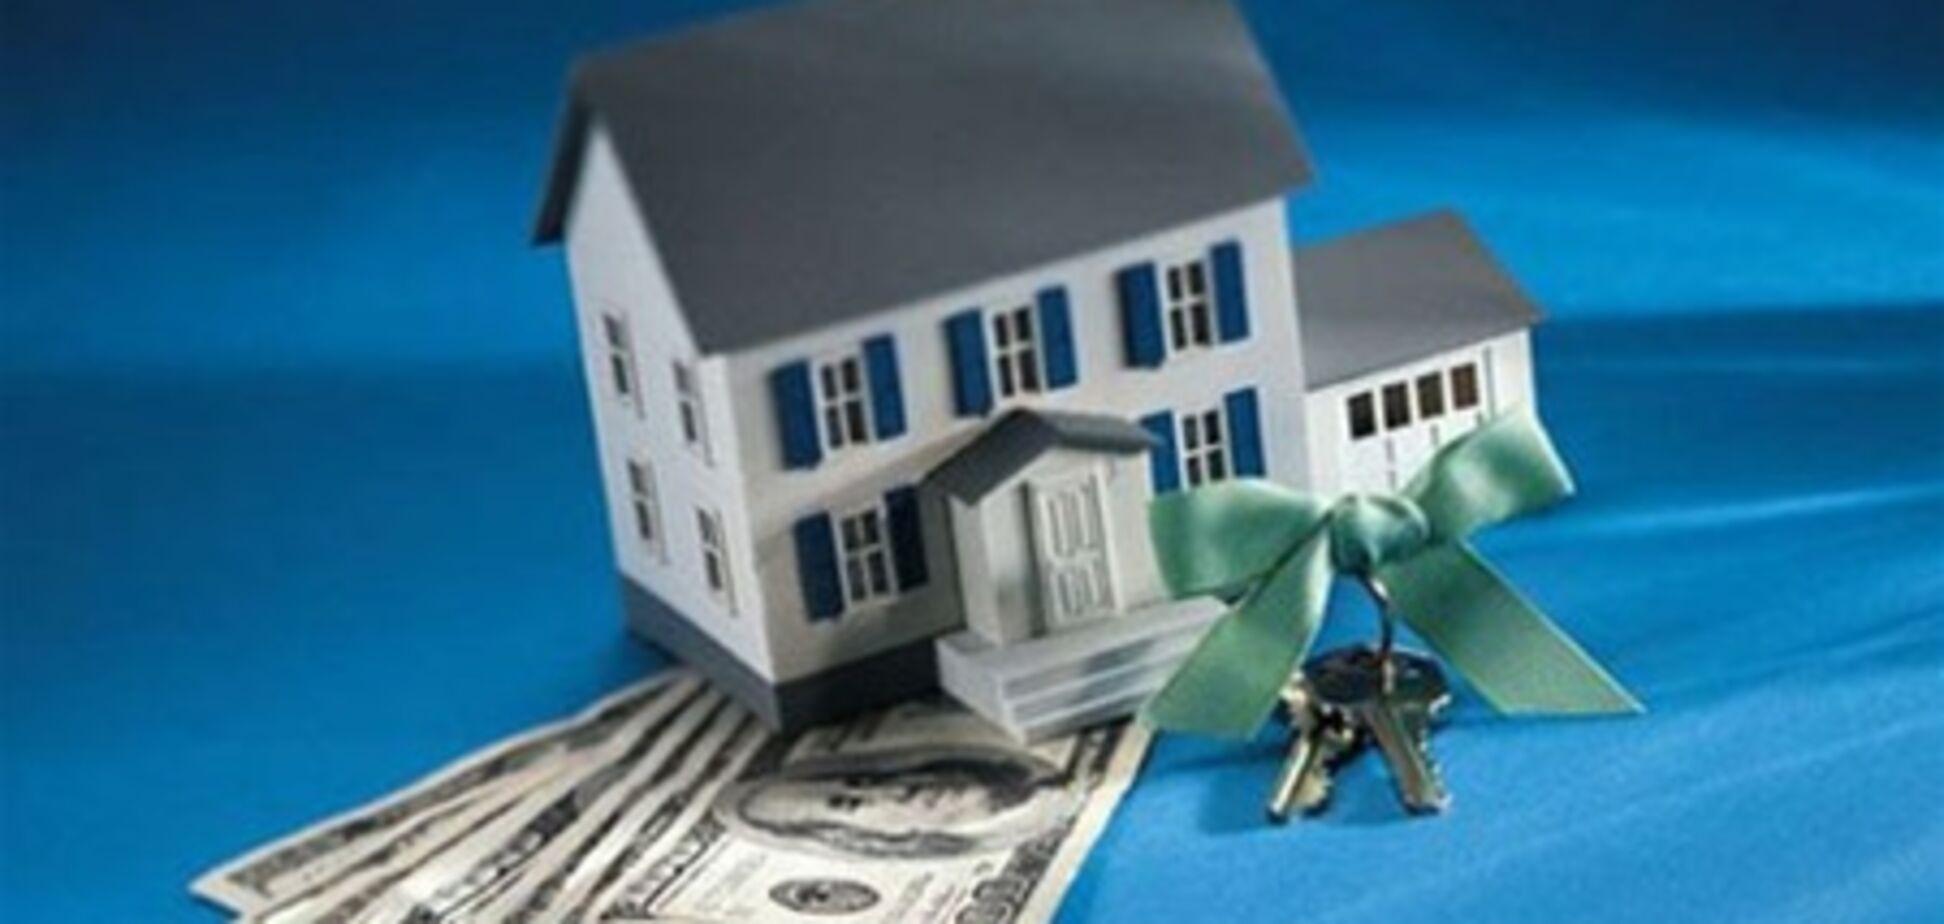 Как быстро продать квартиру - советы экспертов